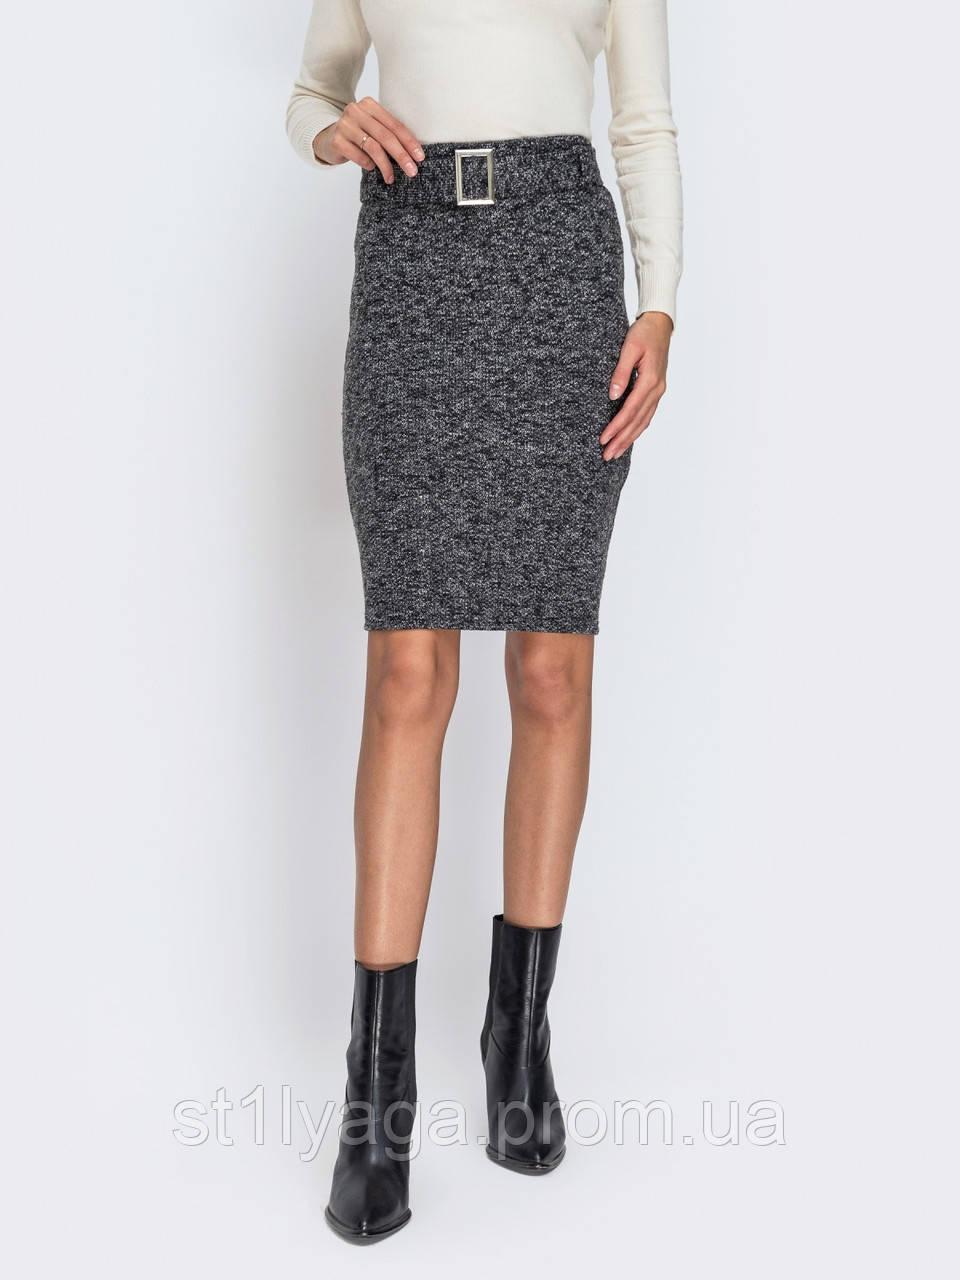 Лаконичная юбка-карандаш из букле цвет серый